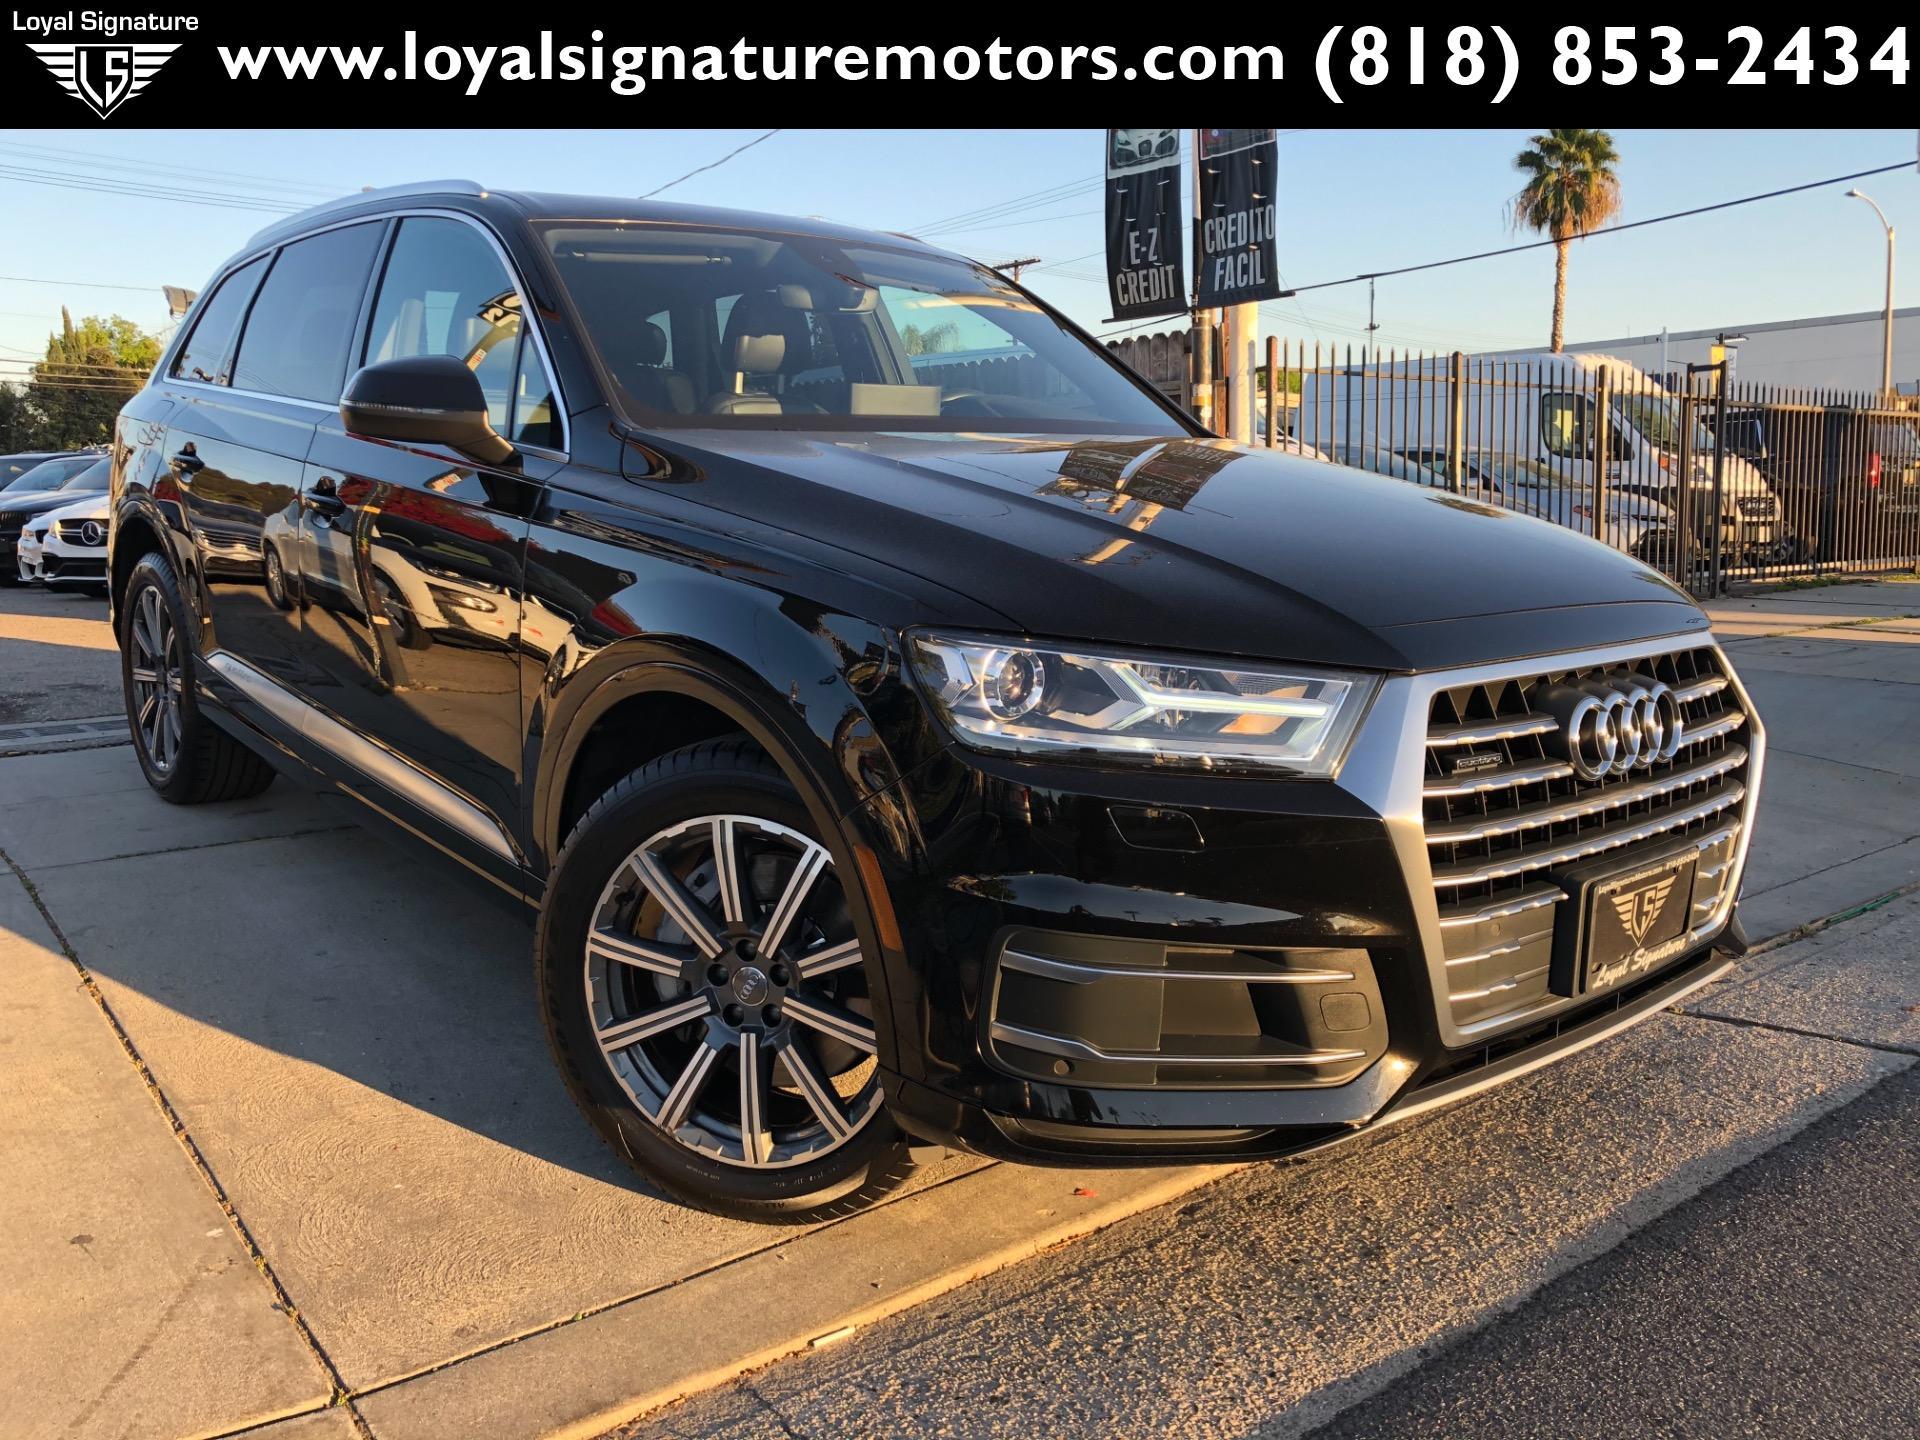 Used 2017 Audi Q7 2.0T quattro Premium | Van Nuys, CA